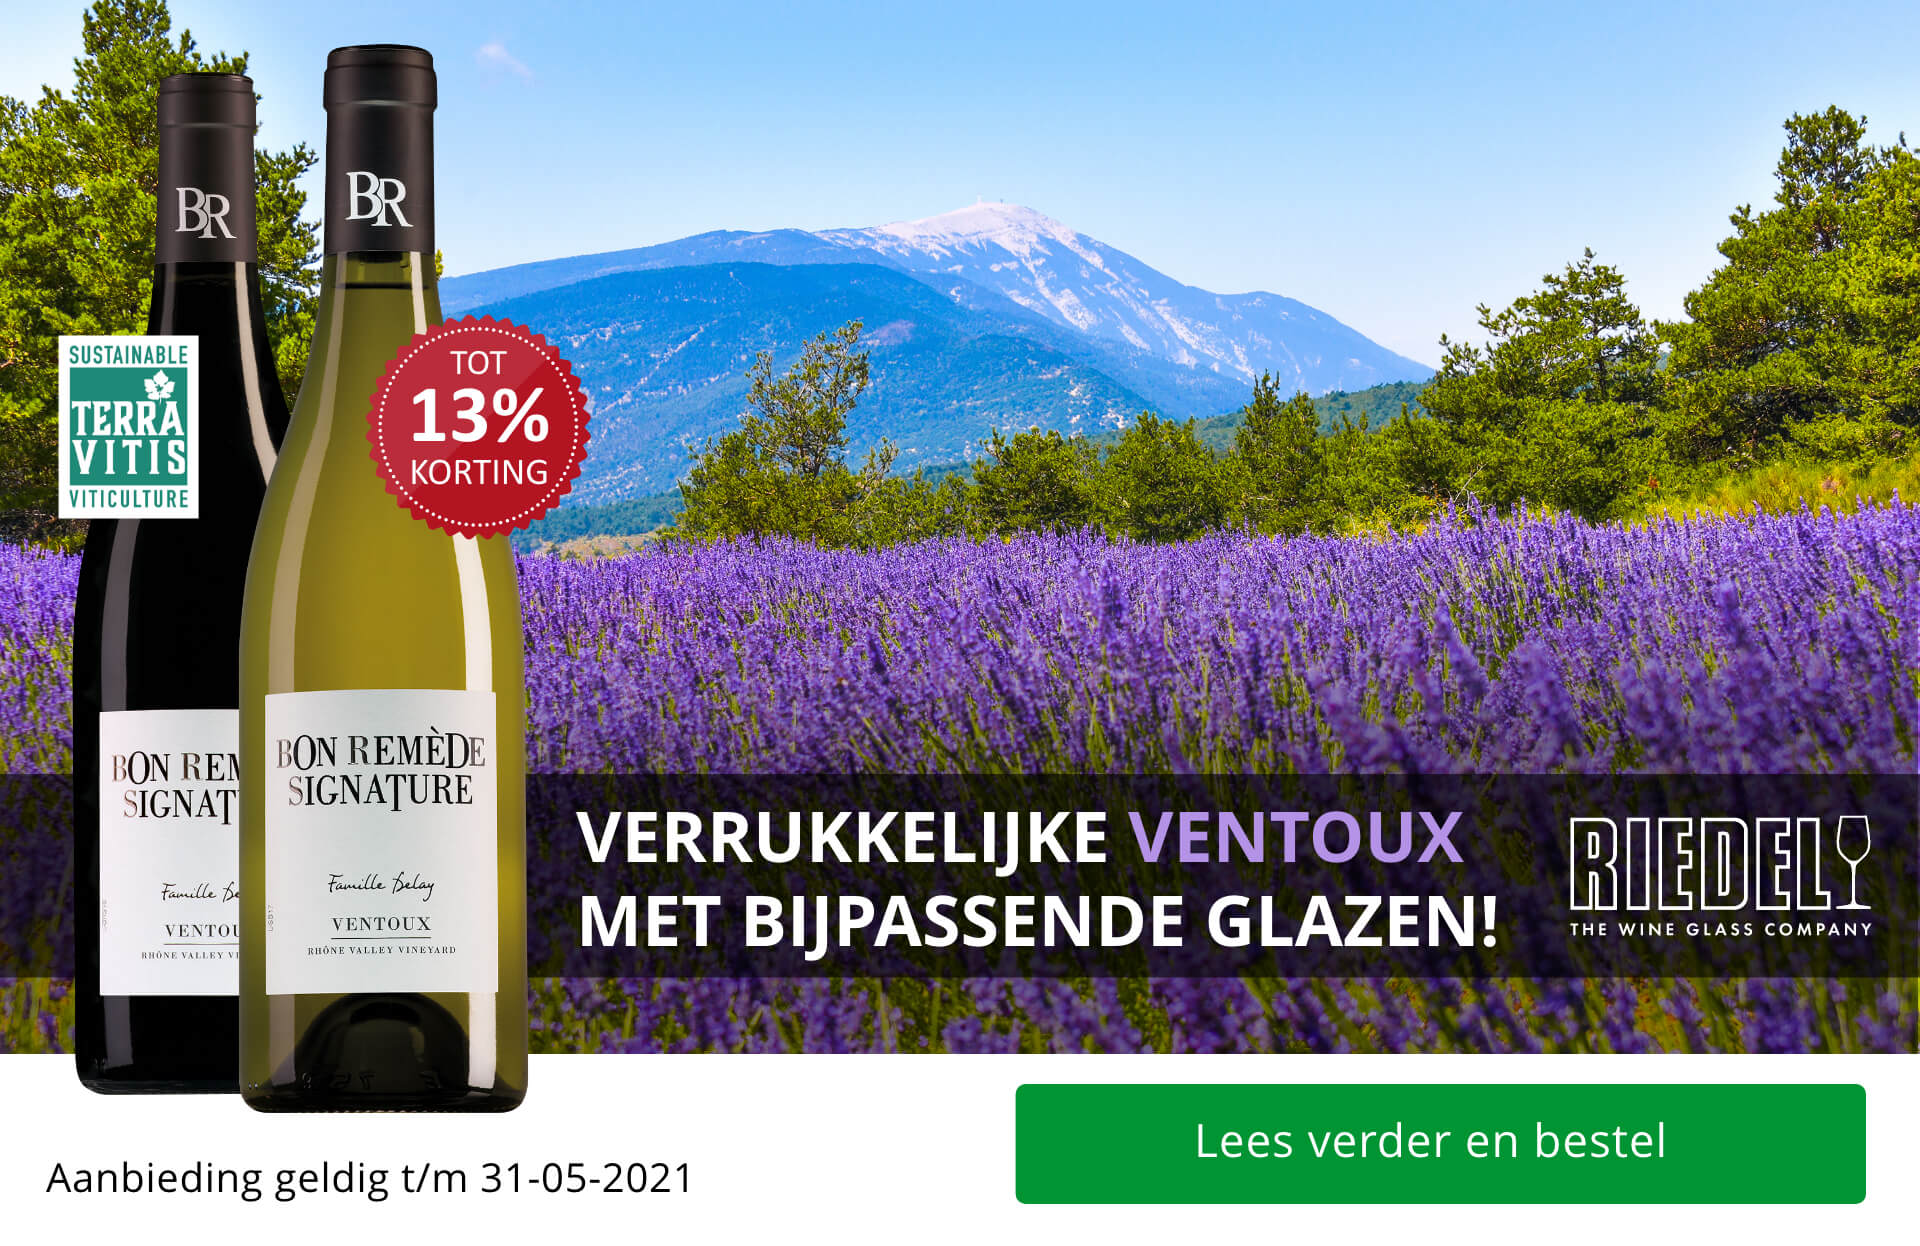 Verrukkelijke Ventoux met bijpassende glazen!